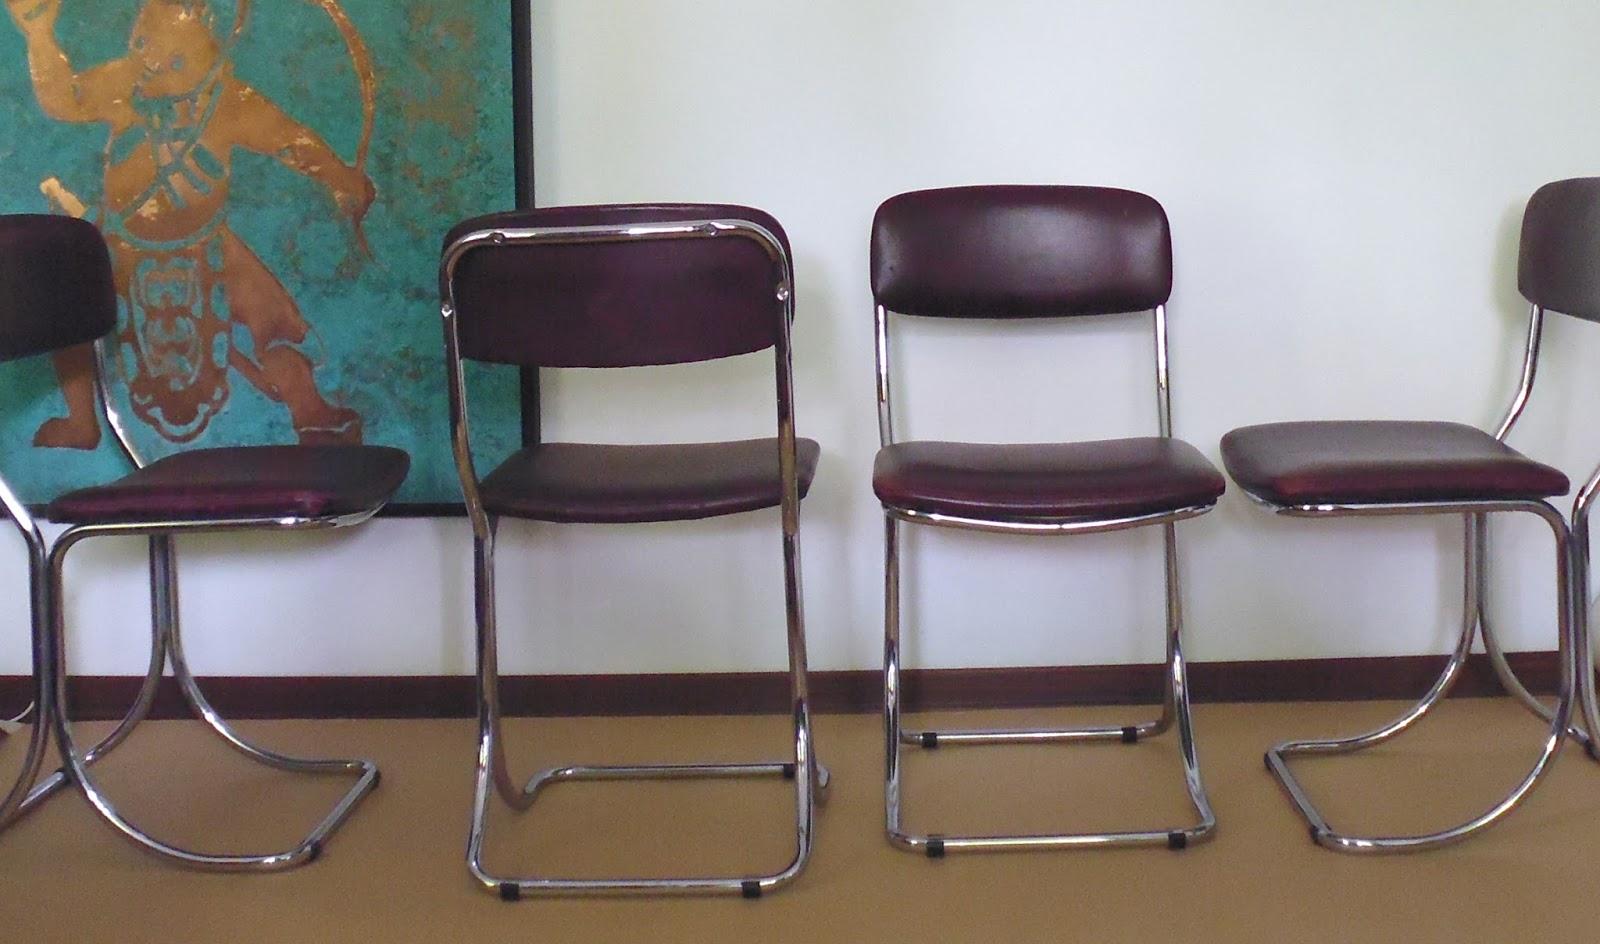 Sedie in pelle tutte le offerte cascare a fagiolo for Vendita sedie ufficio